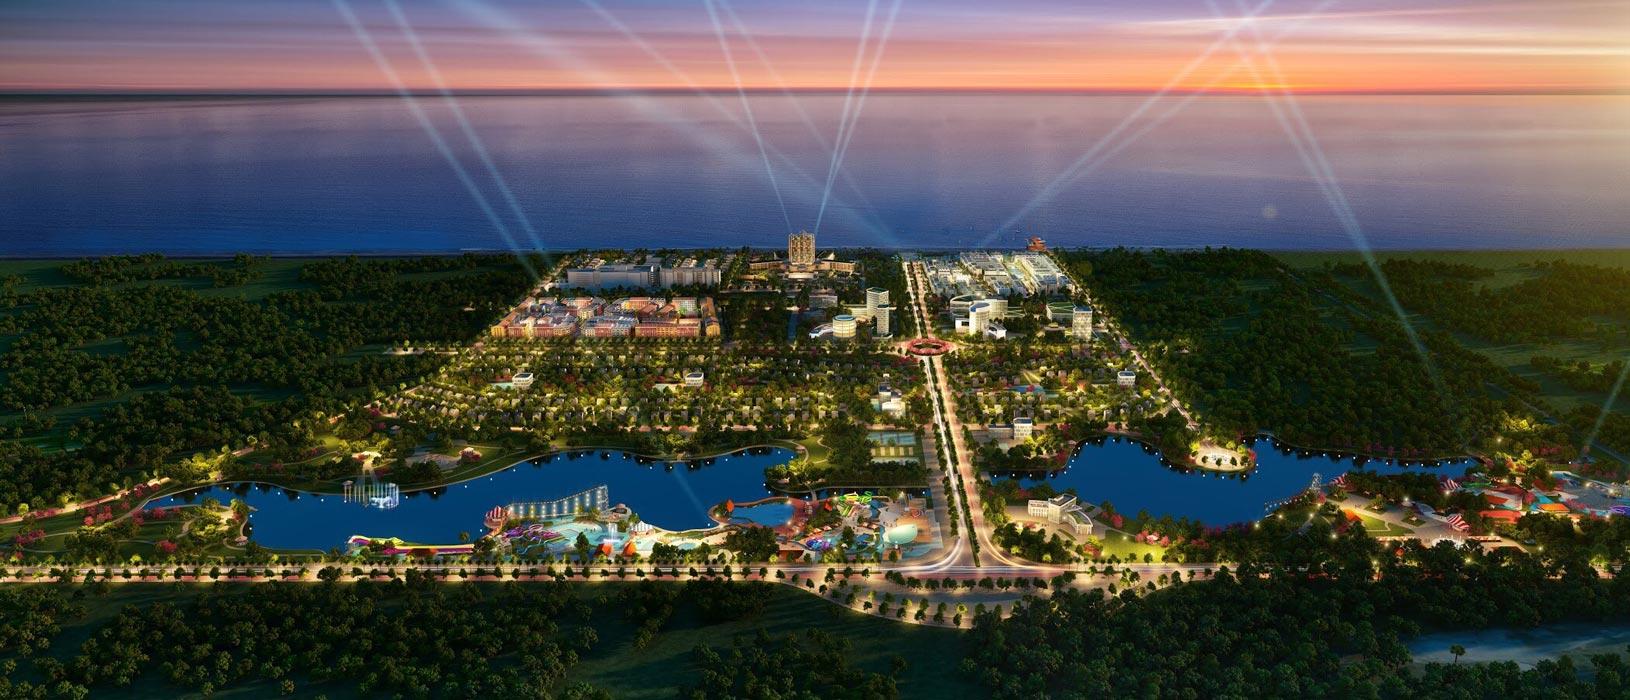 Dự án Marina Phú Quốc về đêm